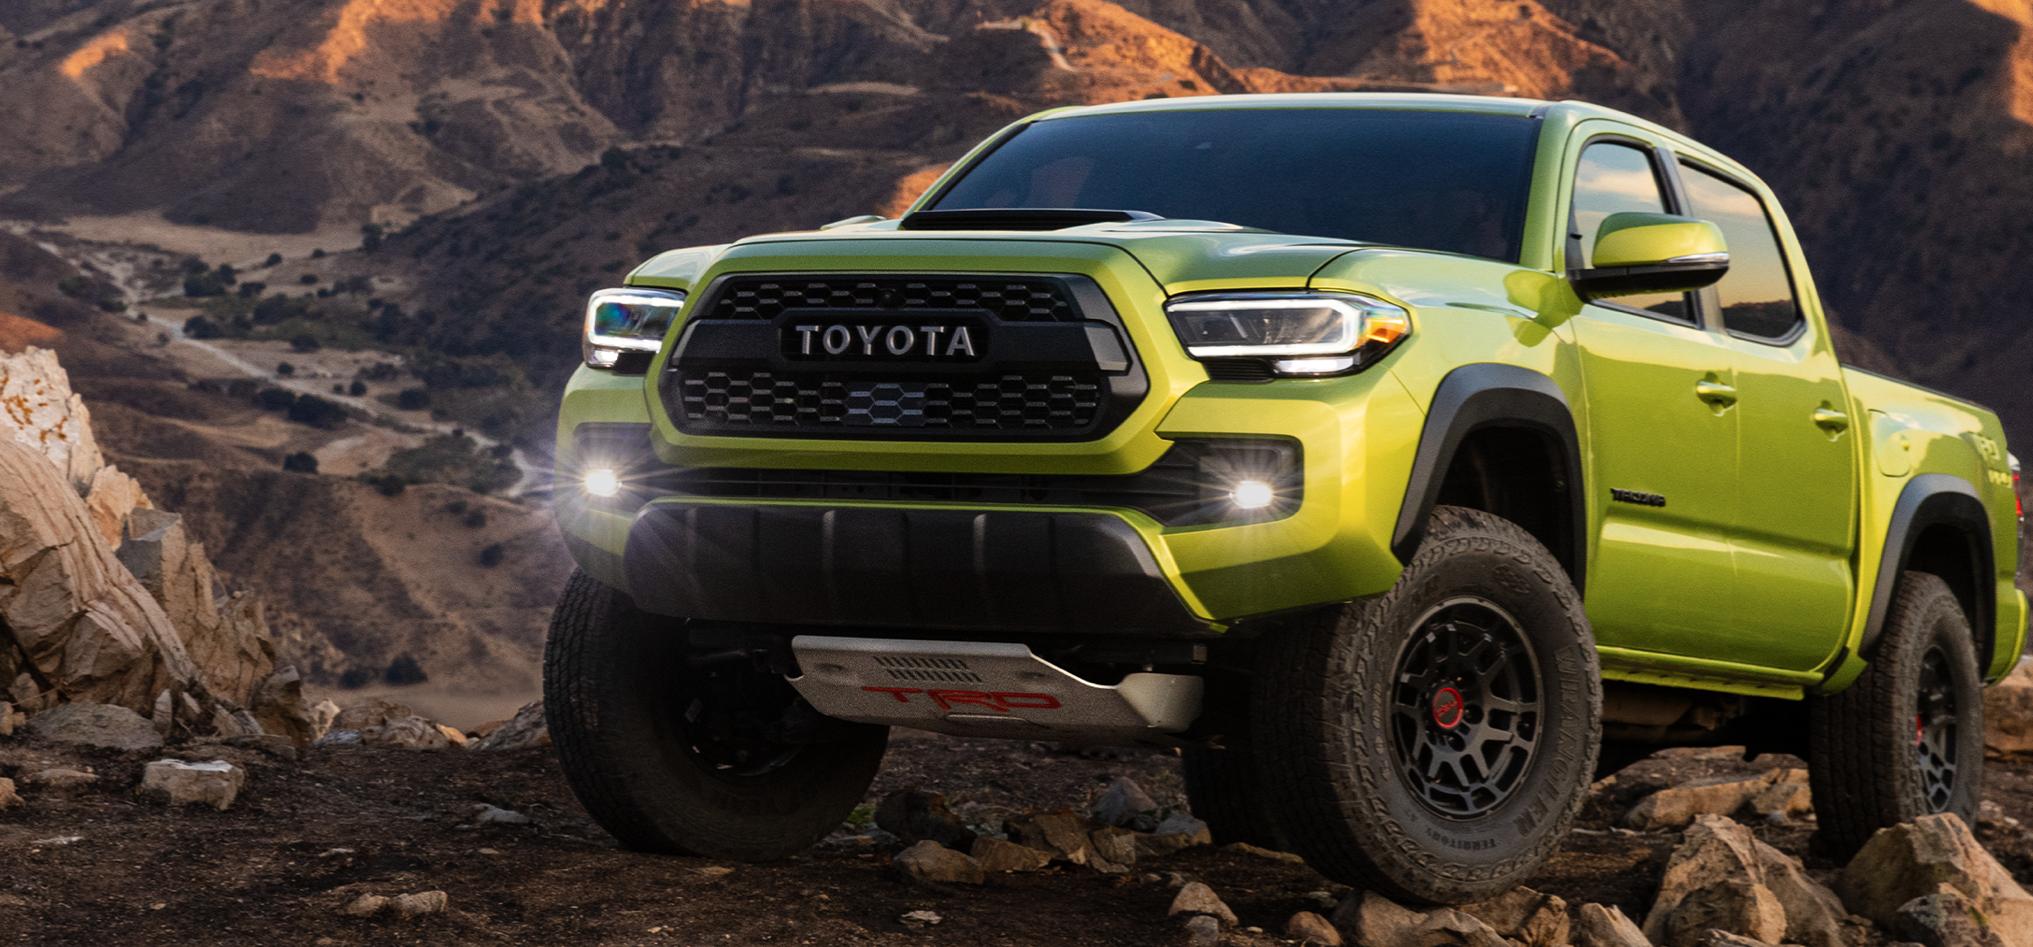 Toyota стремится восполнить некоторые упущенные объемы производства в связи с восстановлением поставок